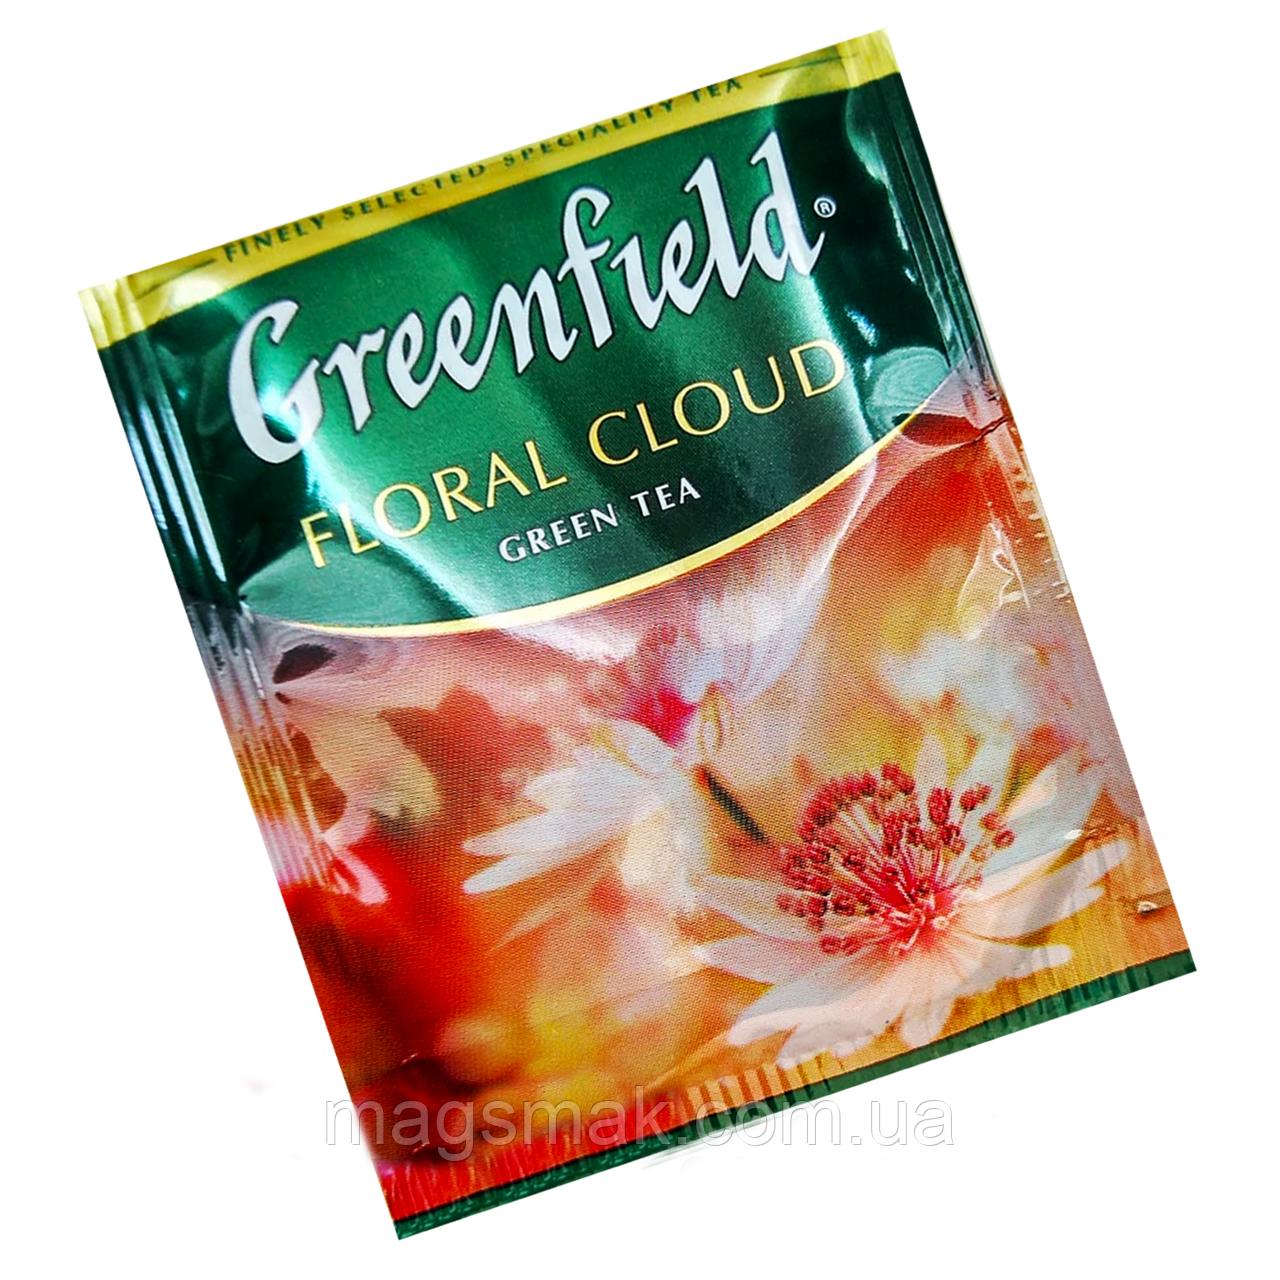 Чай пакетированный Greenfield Floral Cloud, 100 пакетов (HoReCa)